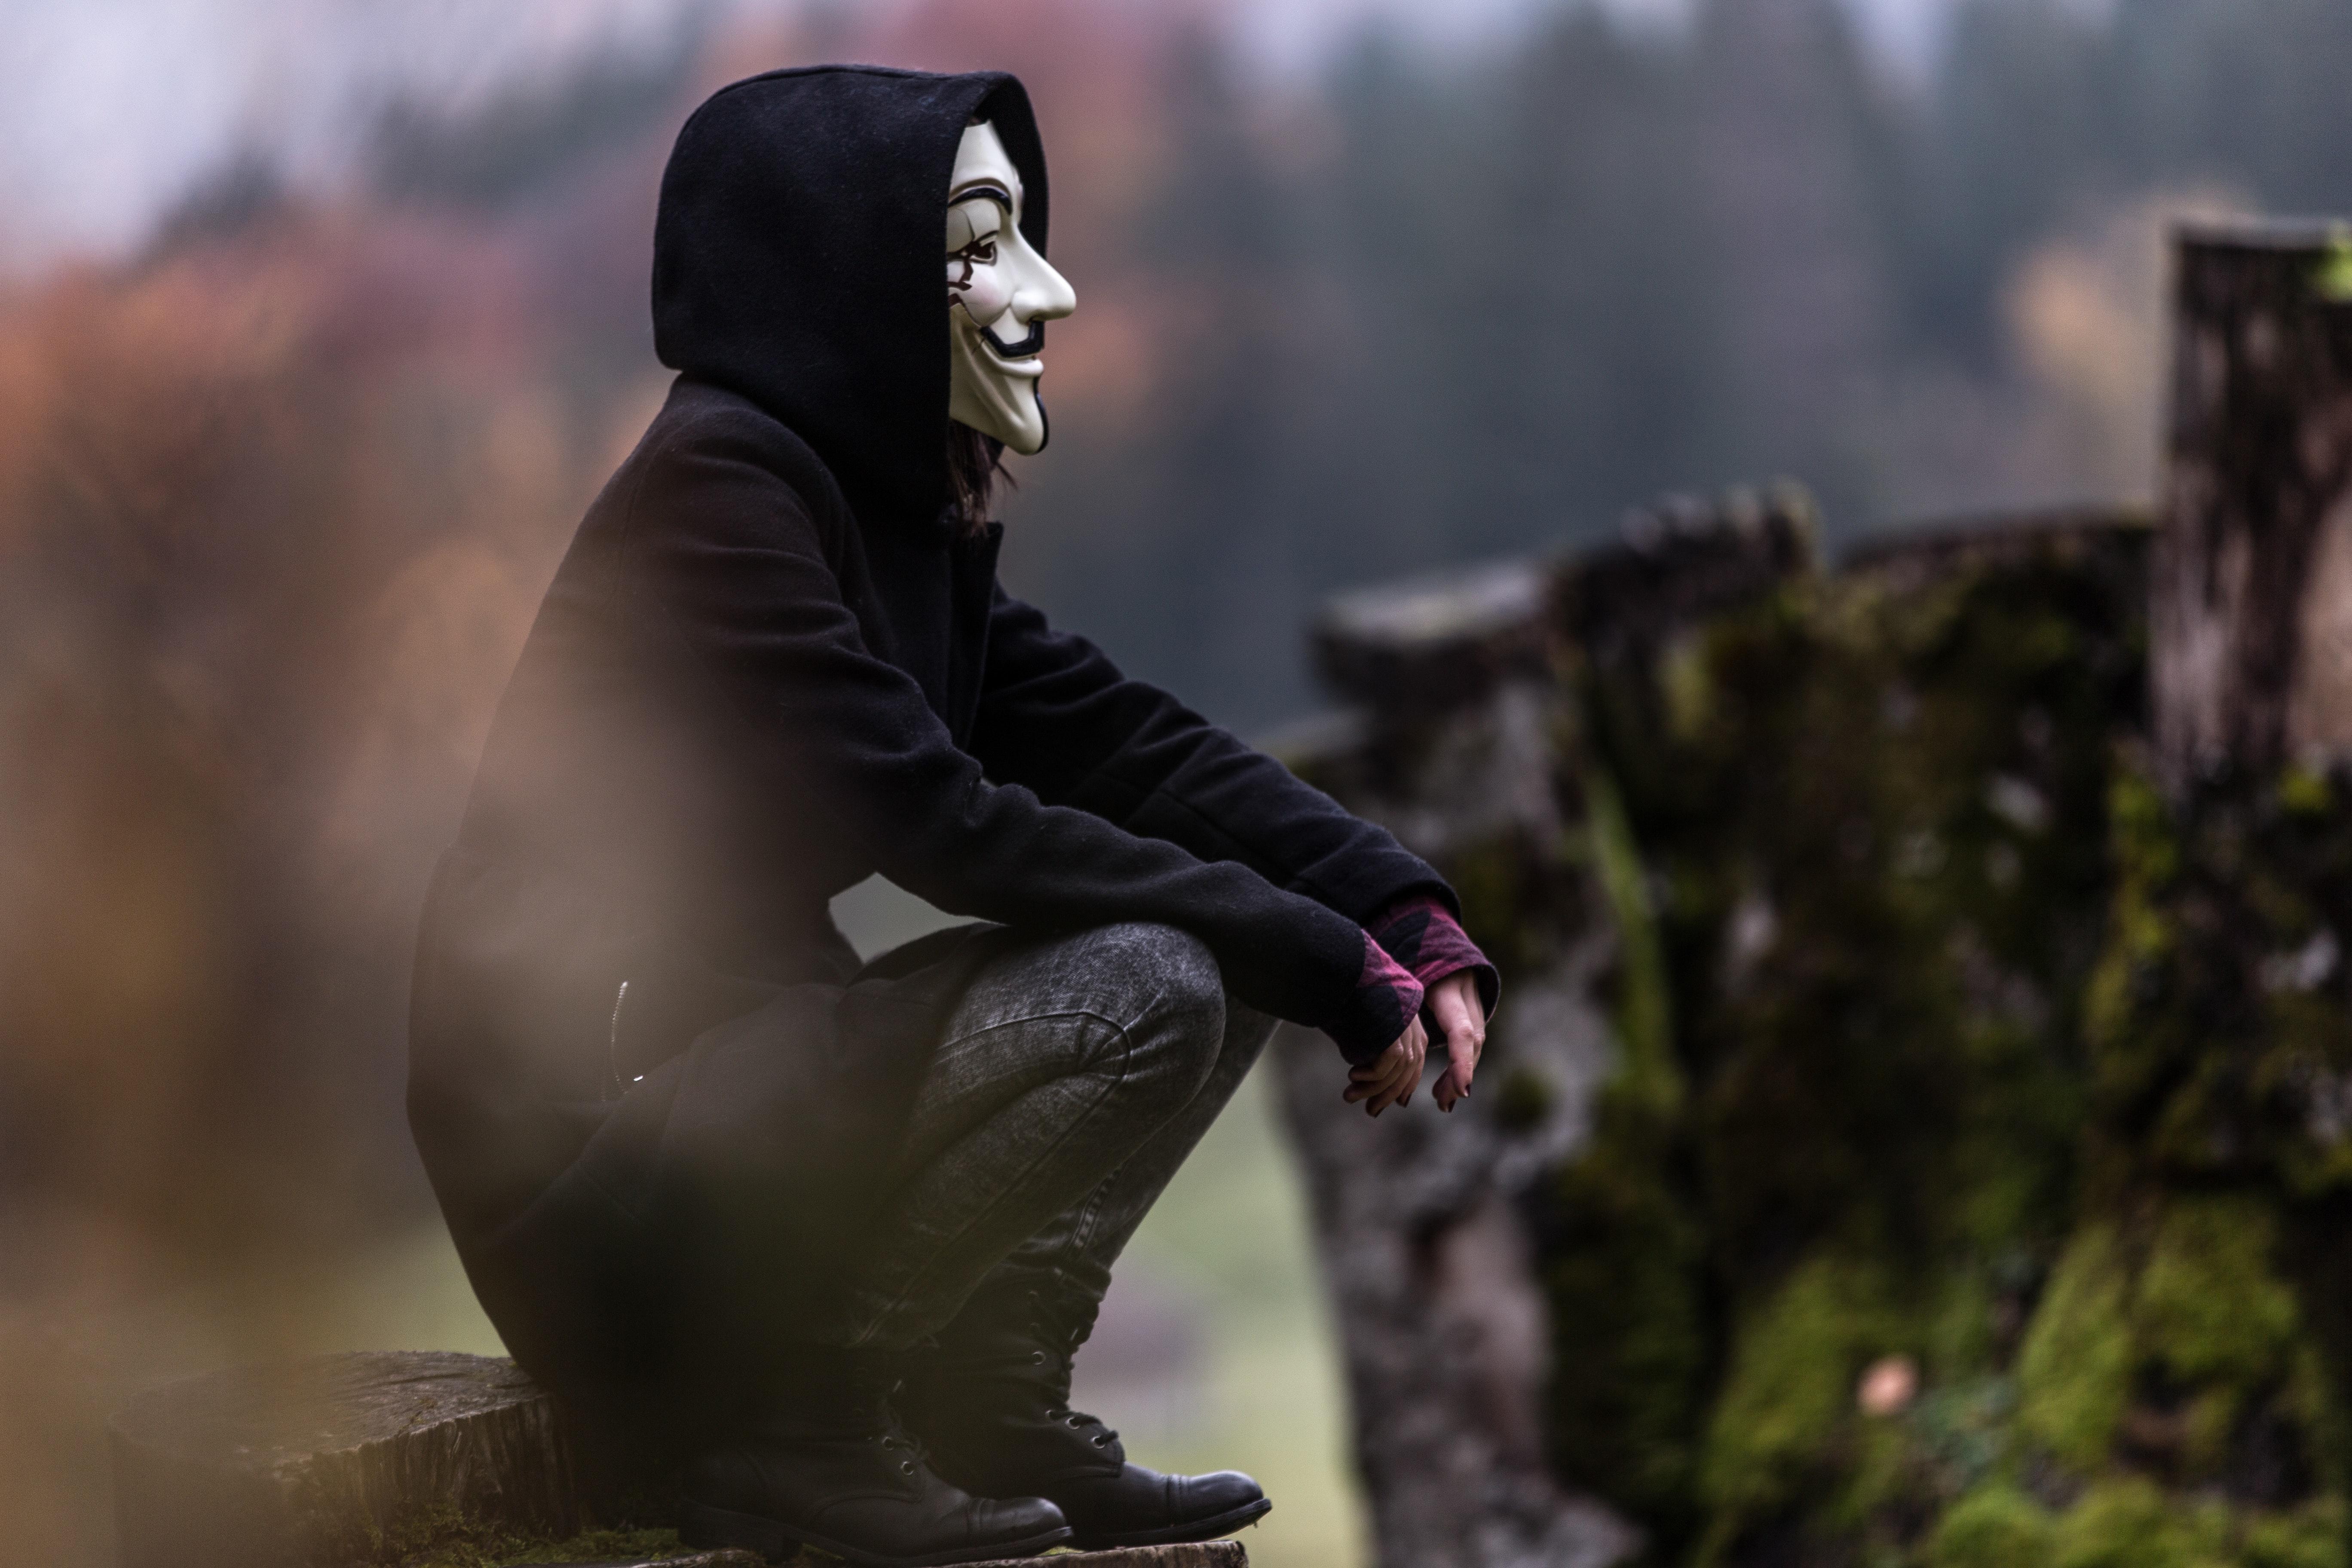 https://external-content.duckduckgo.com/iu/?u=https%3A%2F%2Fimages.hdqwalls.com%2Fwallpapers%2Fanonymous-mask-guy-id.jpg&f=1&nofb=1